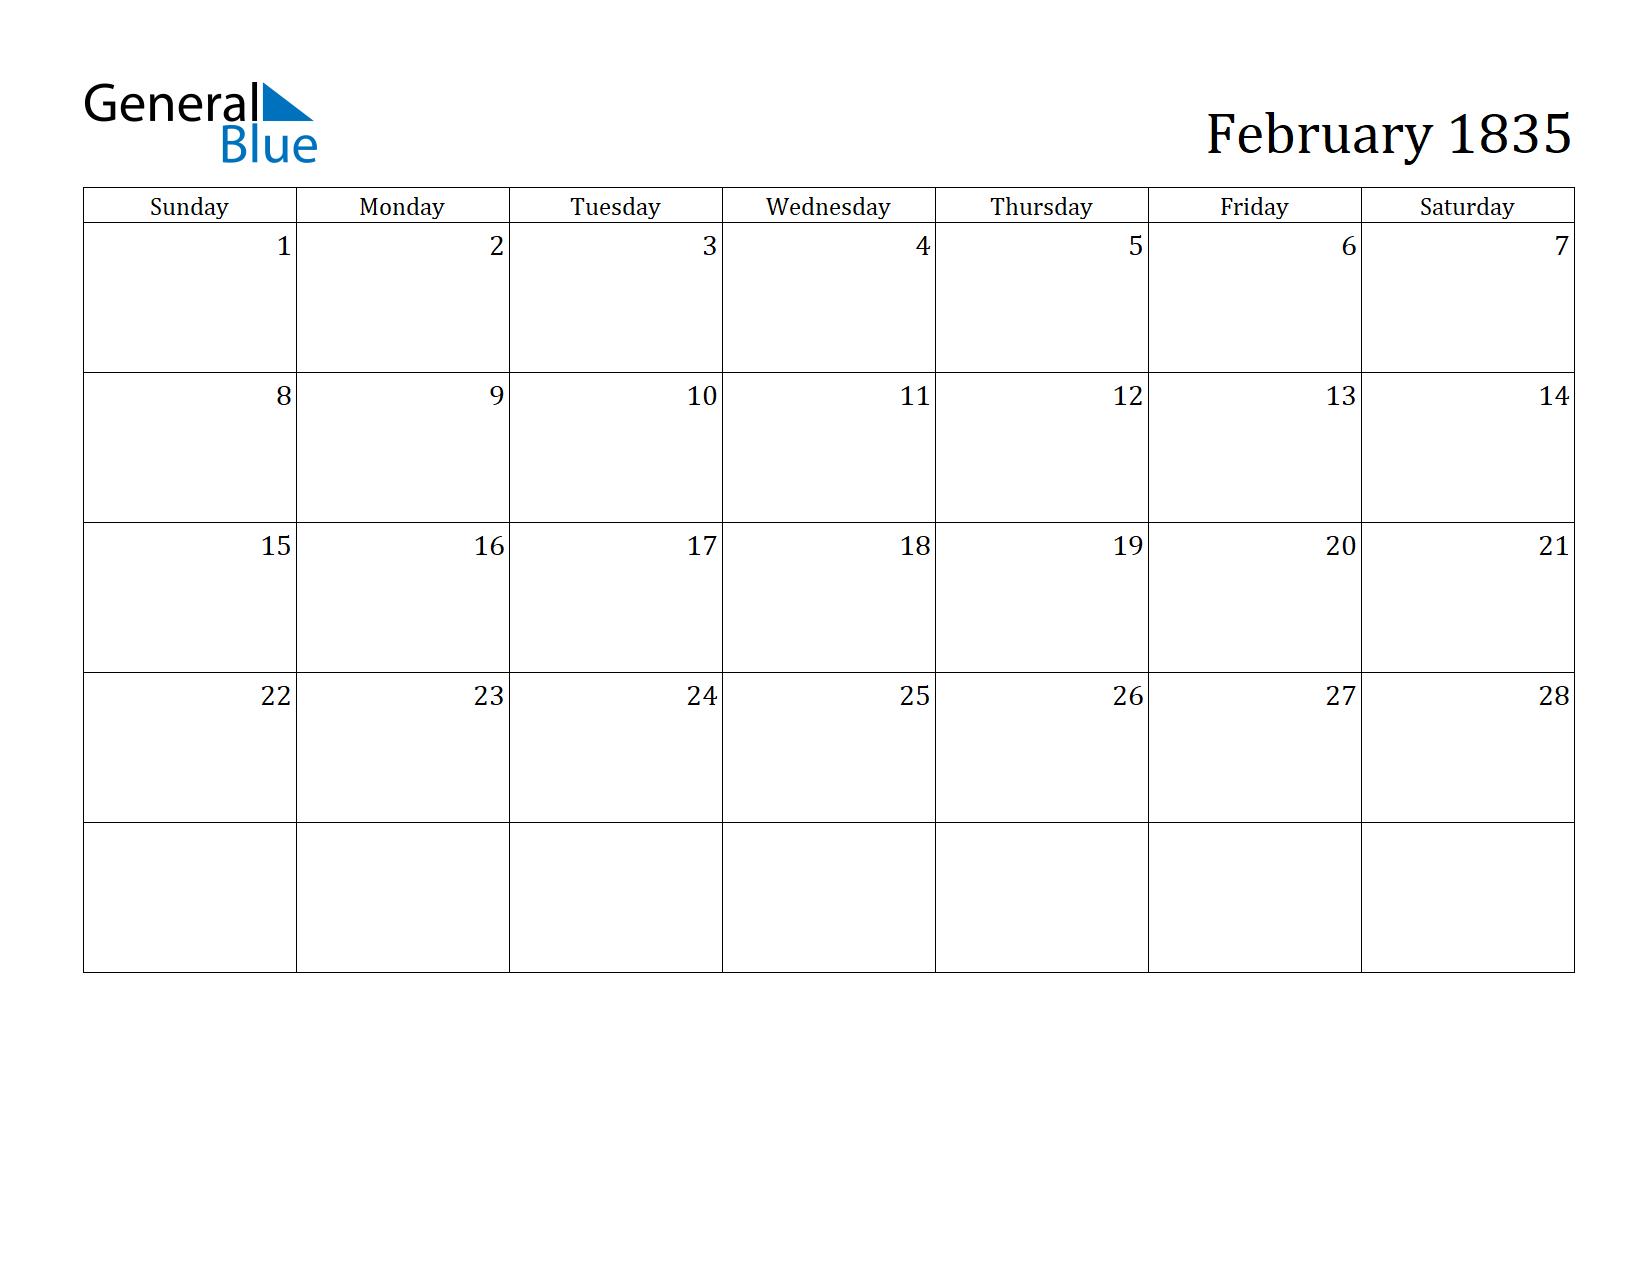 Image of February 1835 Calendar